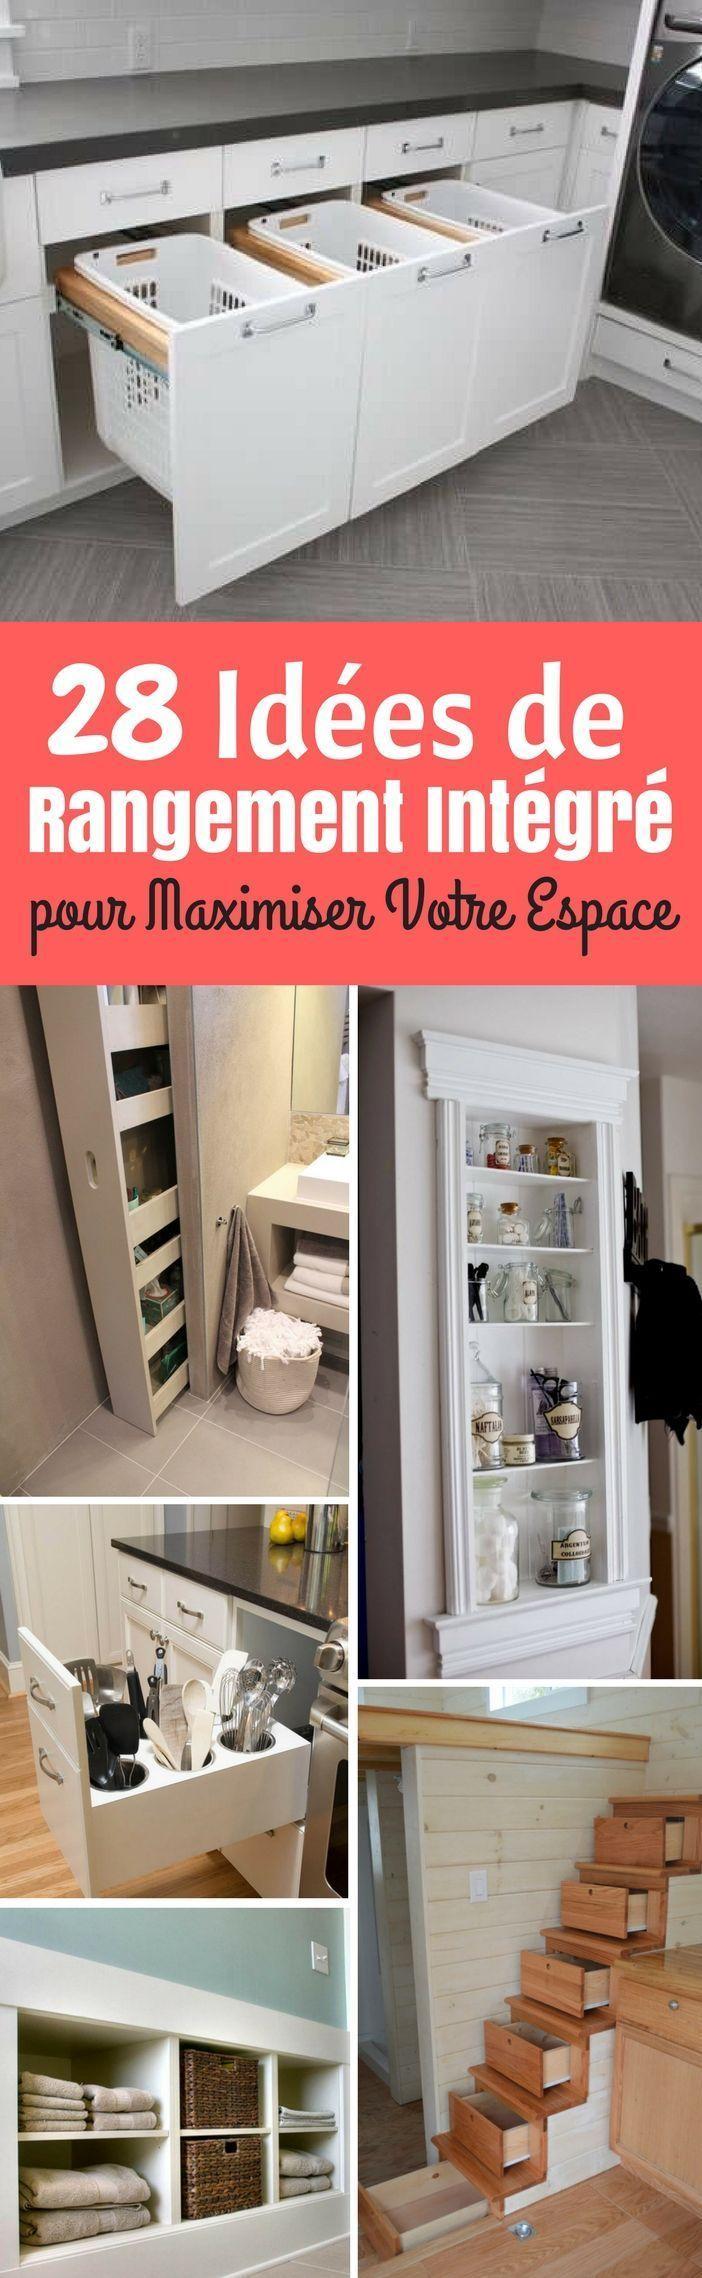 Nous allons vous proposer les meilleures idées de rangement intégré pour votre maison. Dans chaque maison, il y a beaucoup d'espaces inutilisés qui peuvent être exploités avec un peu de créativité. Nous avons des idées de rangement intégré pour l'ensemble de votre maison ; de belles solutions pratiques pour votre quotidien.